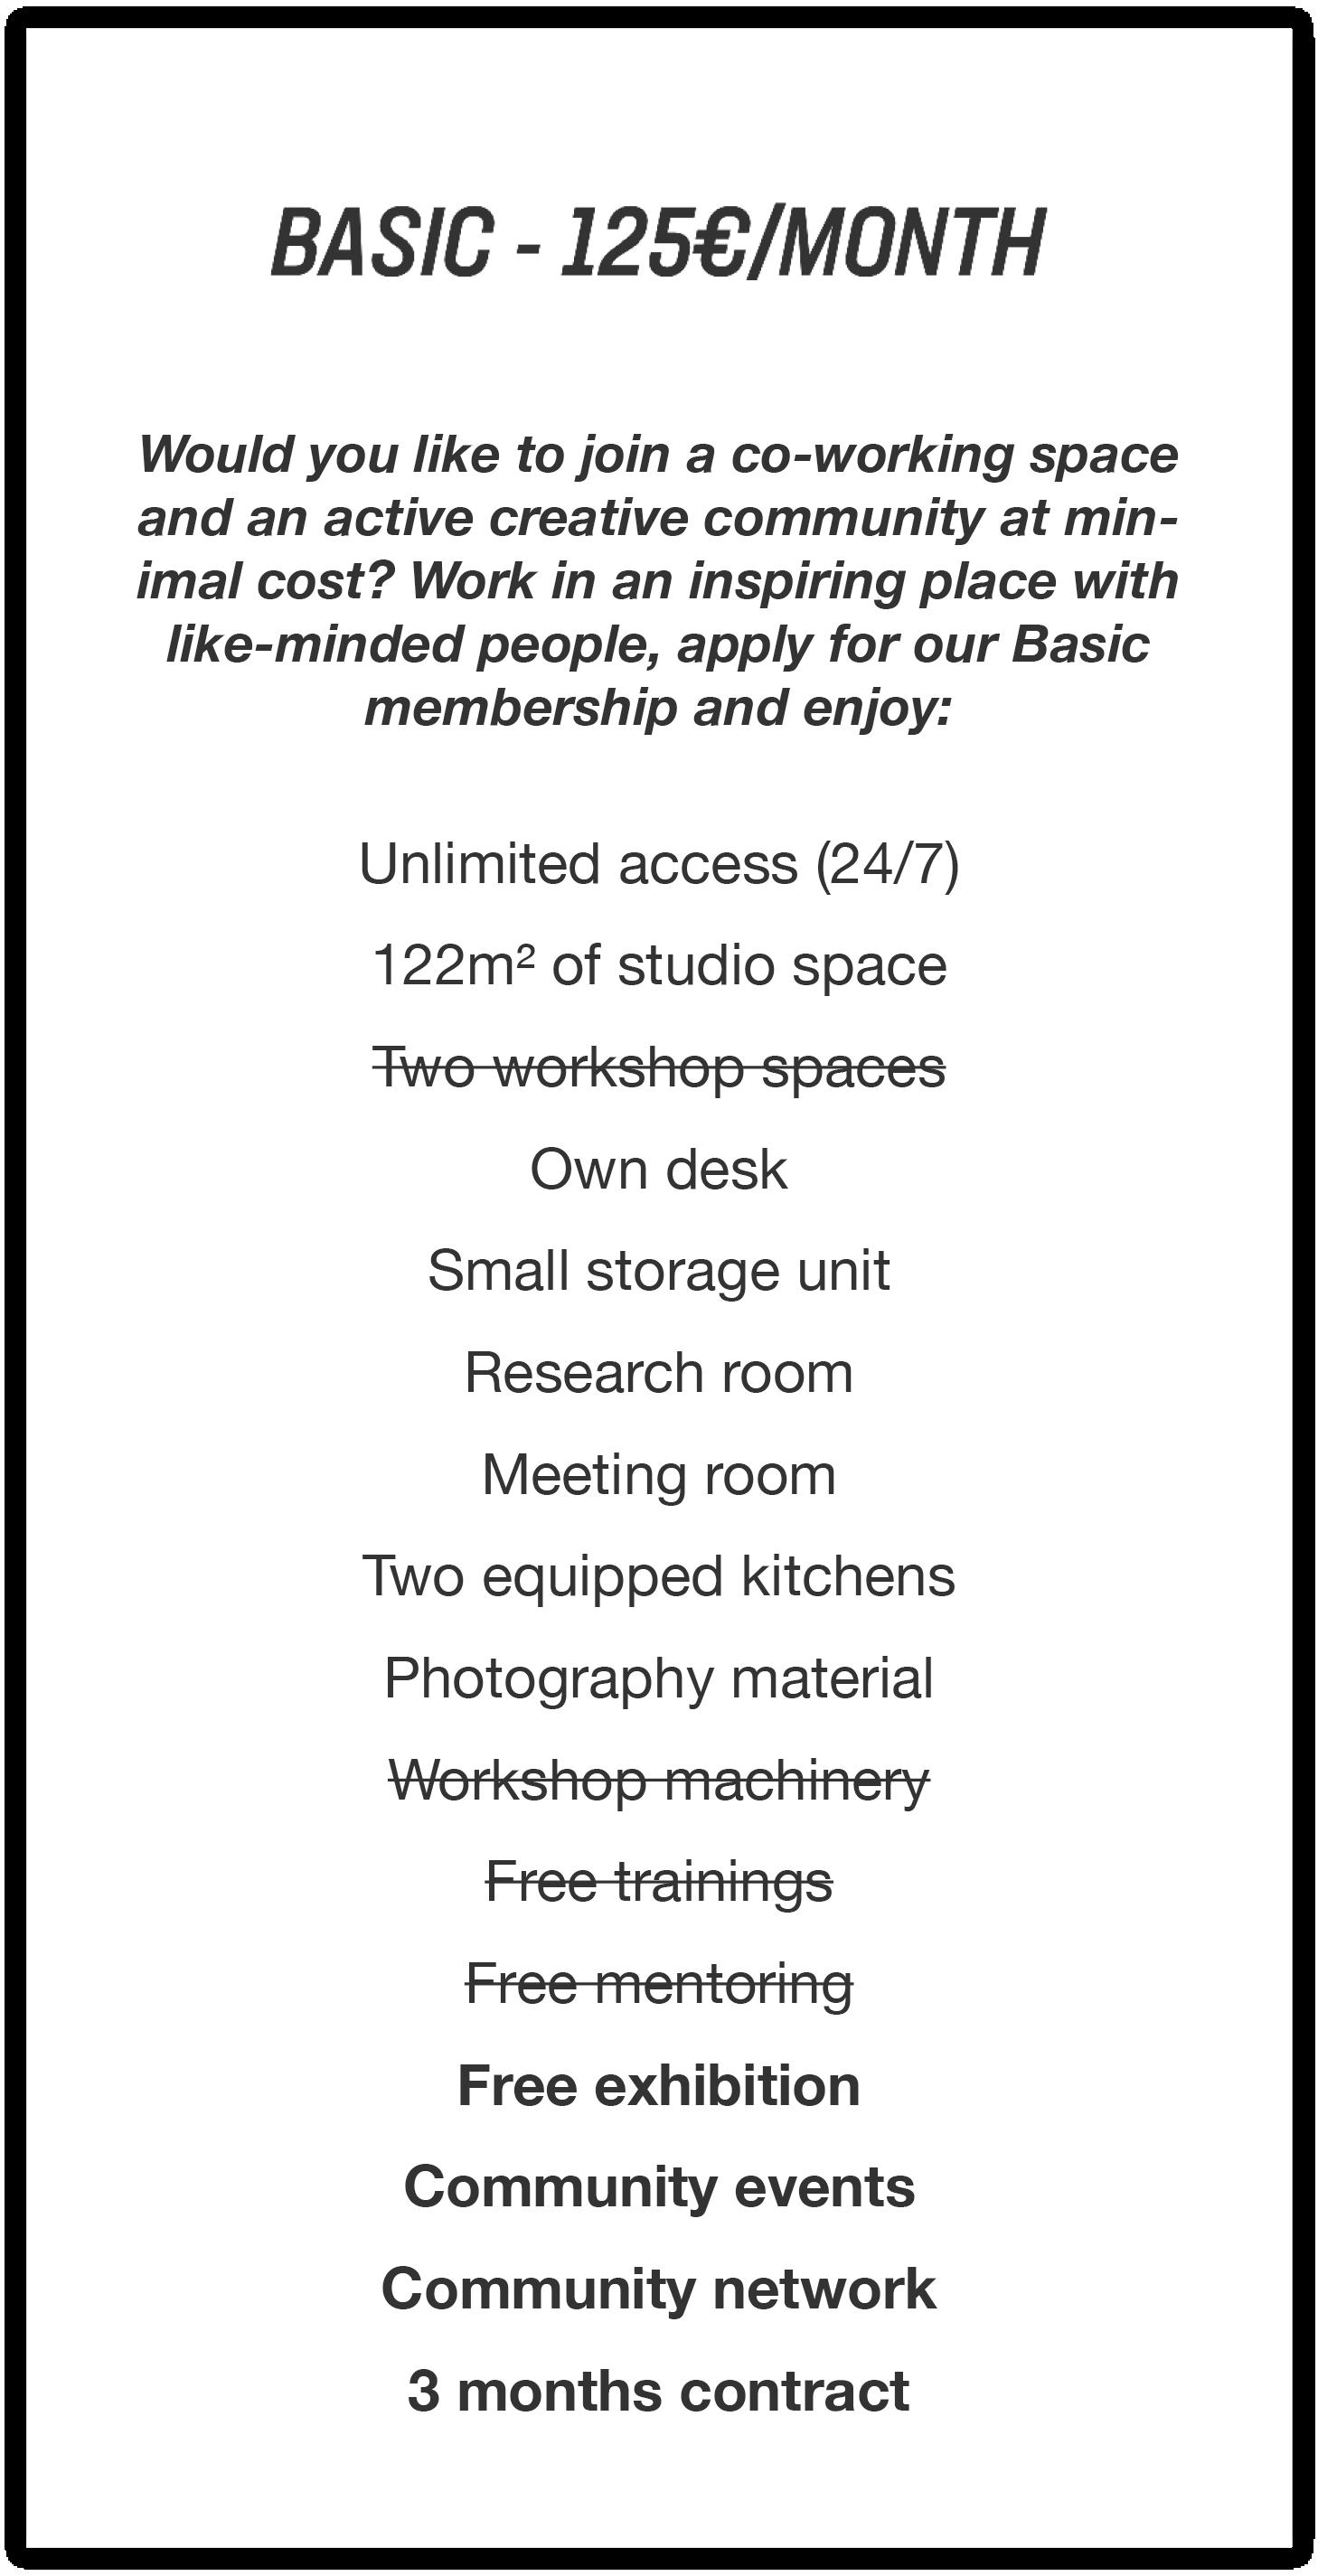 TC_Membership-1_Basic.png